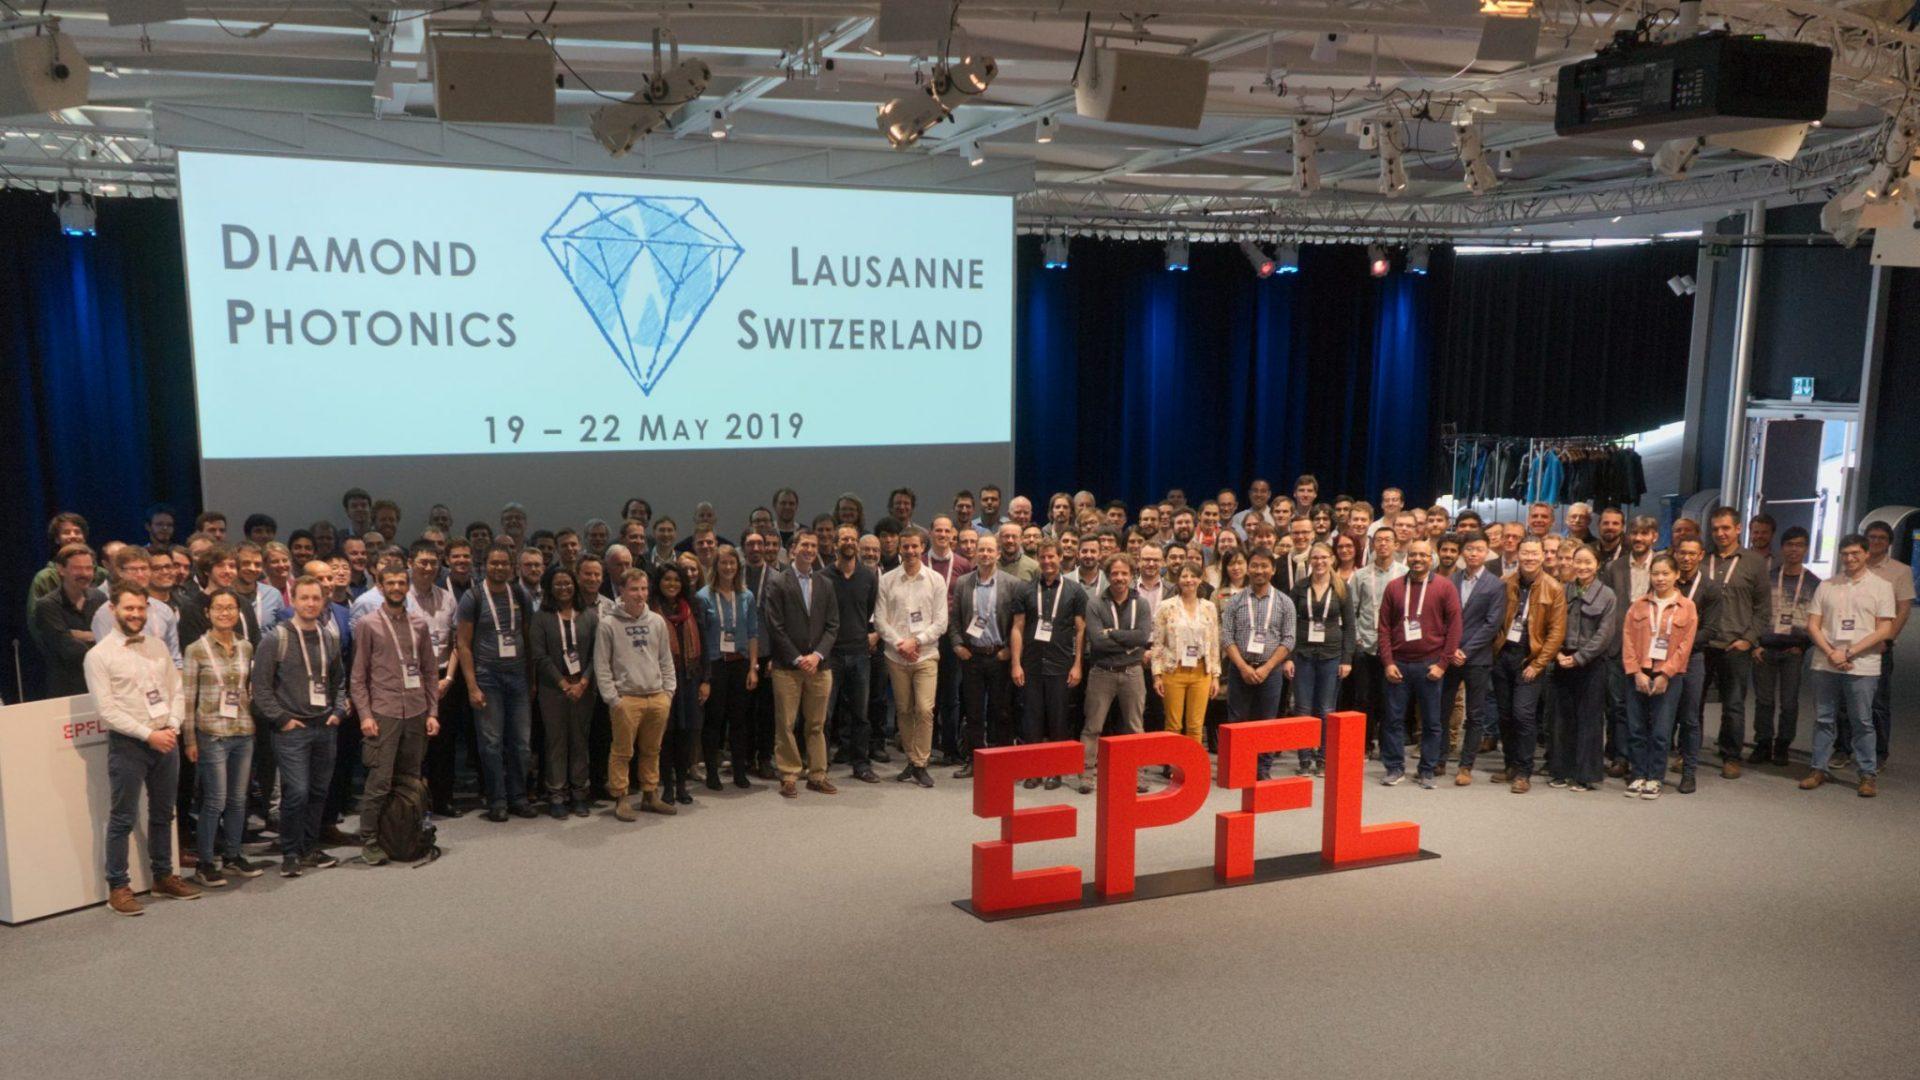 LQNO – Laboratory of Quantum Nano-Optics